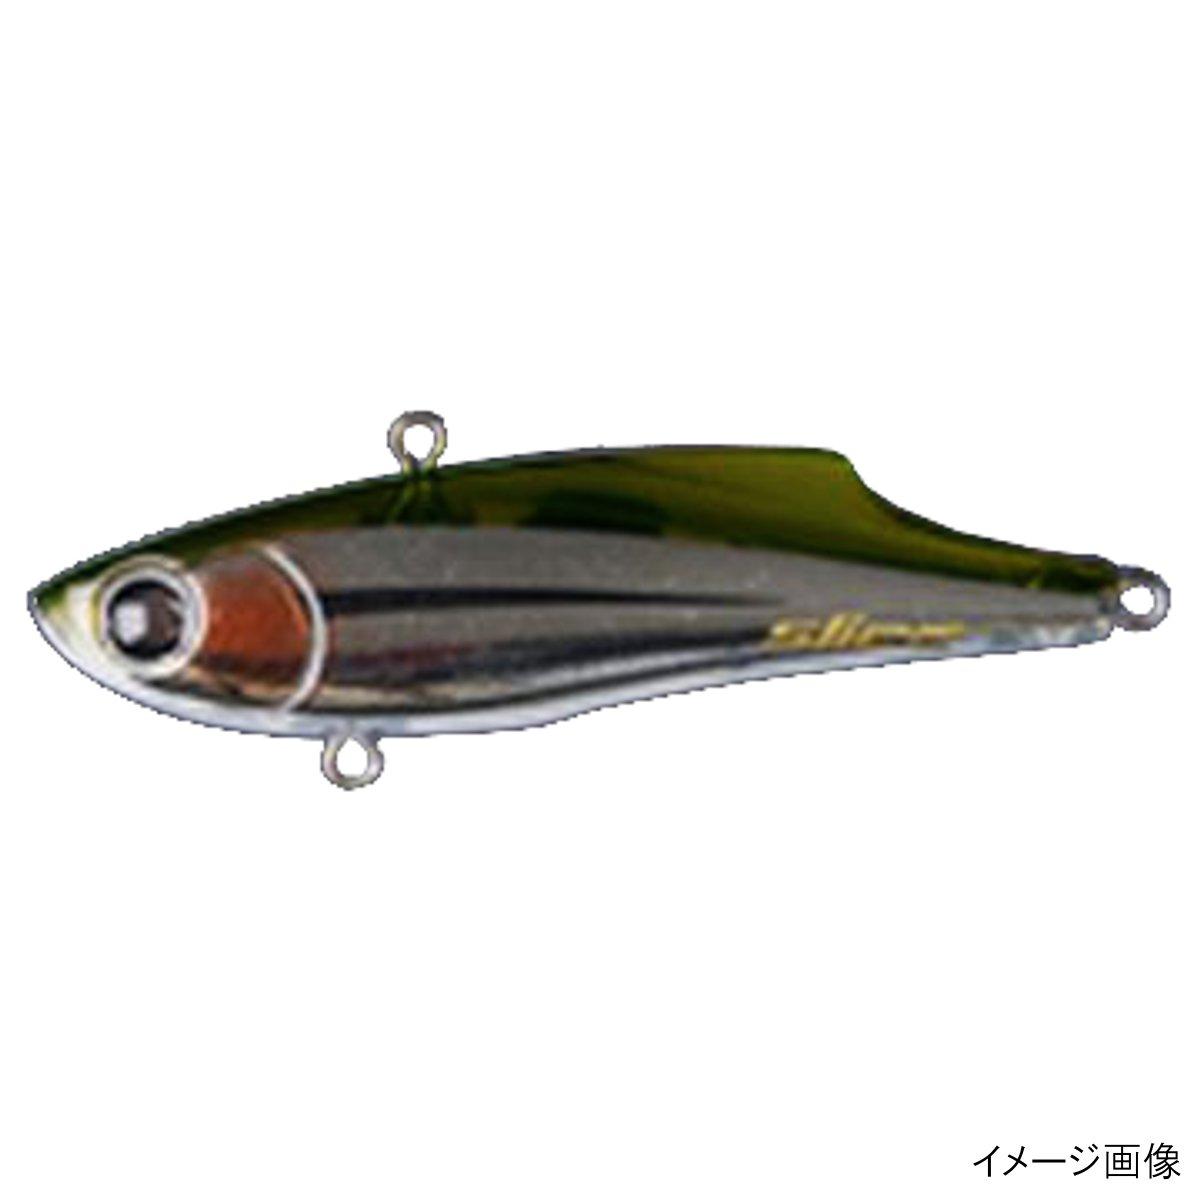 ヤマリア スライス 70 20H(ケイムラキビナゴ)【ゆうパケット】